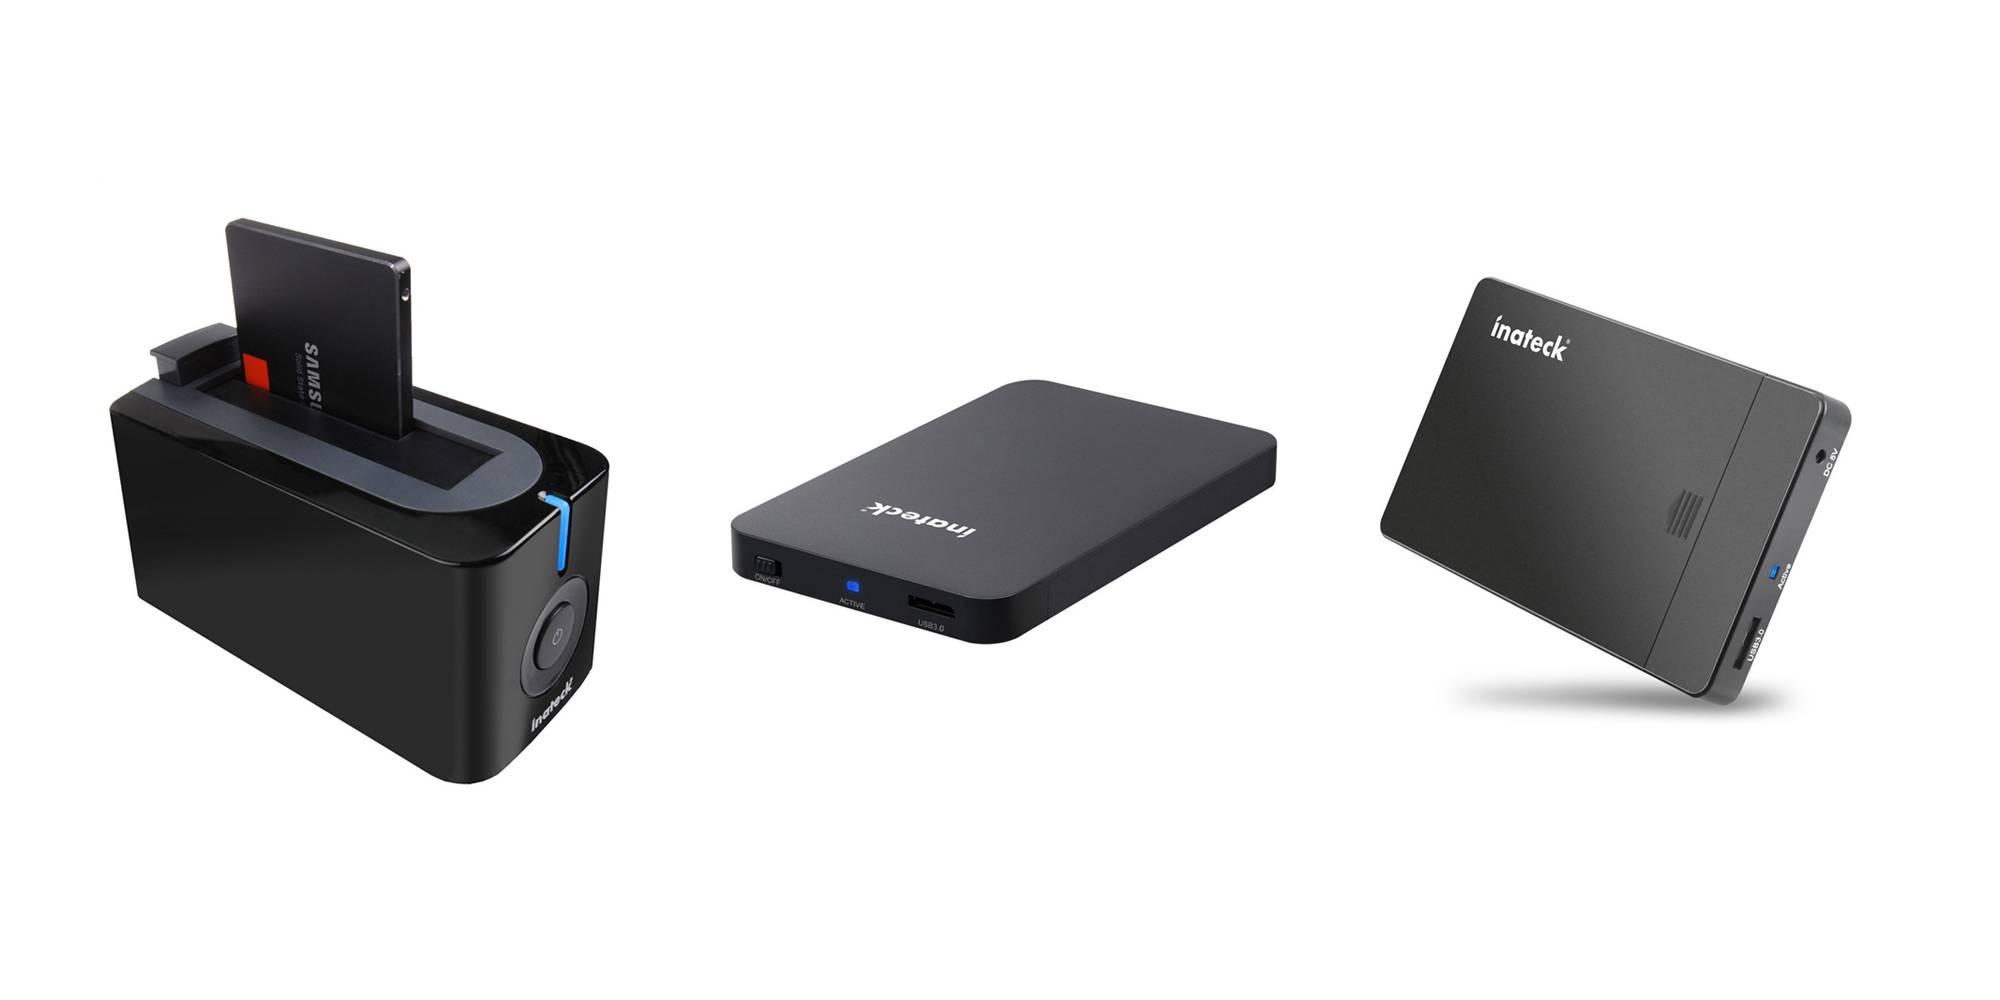 Accessori Inateck per il collegamento di HDD ed SSD via USB 3.0 in offerta con codice